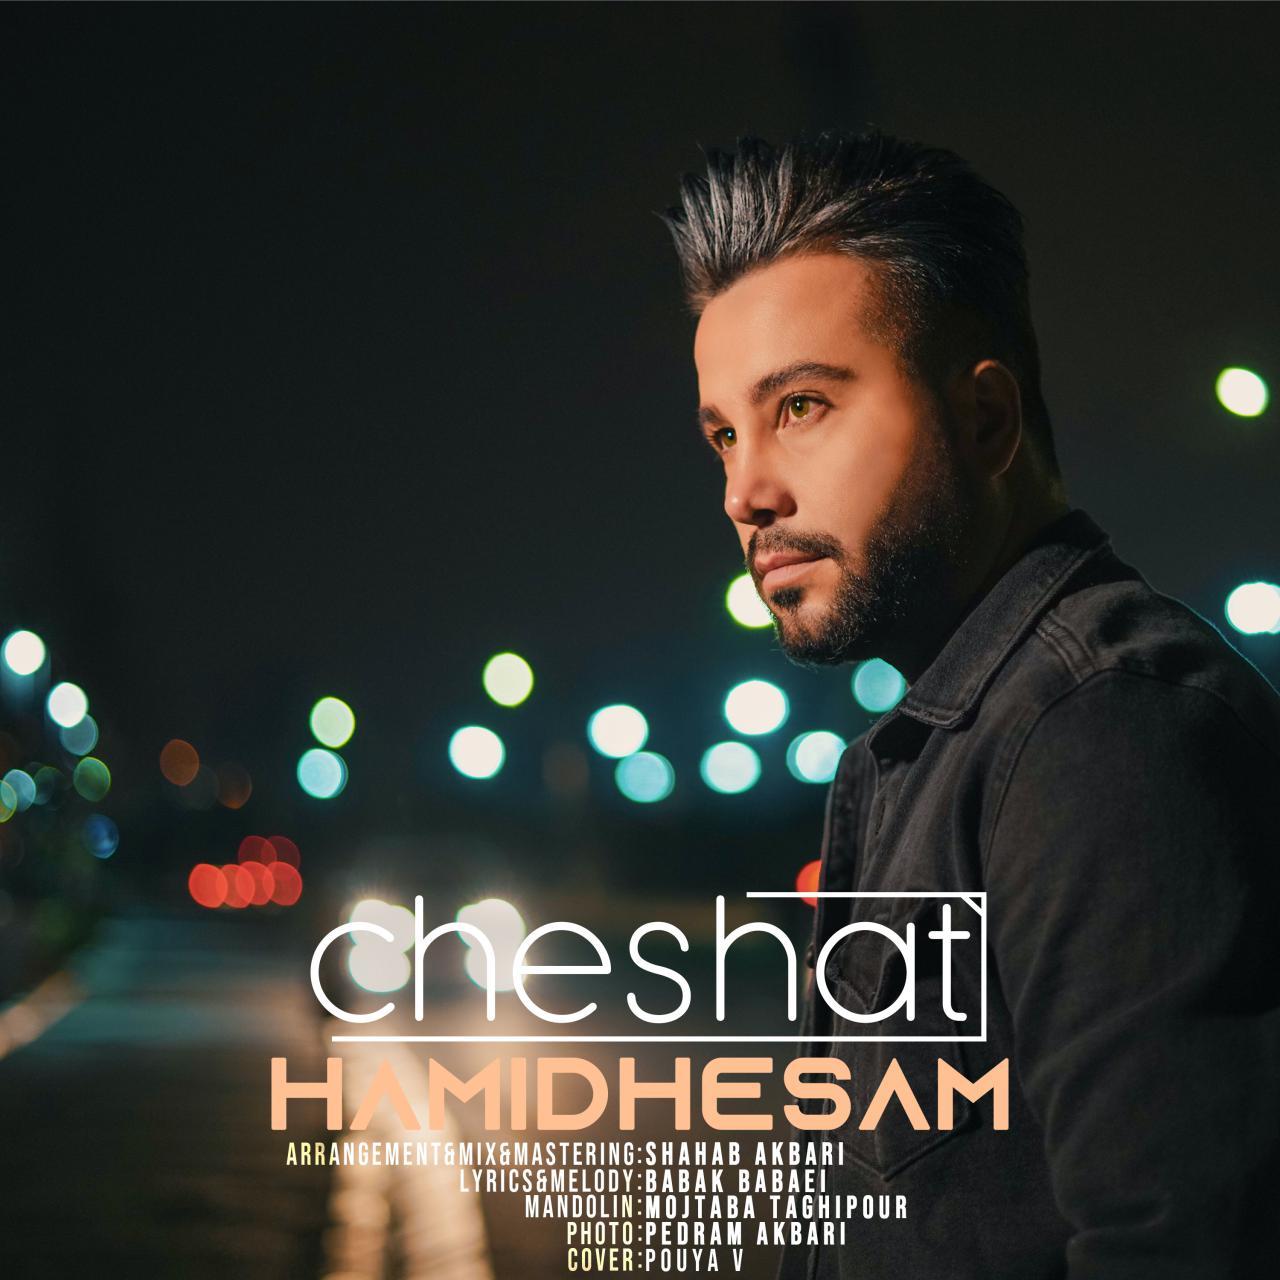 Hamid Hesam – Cheshat